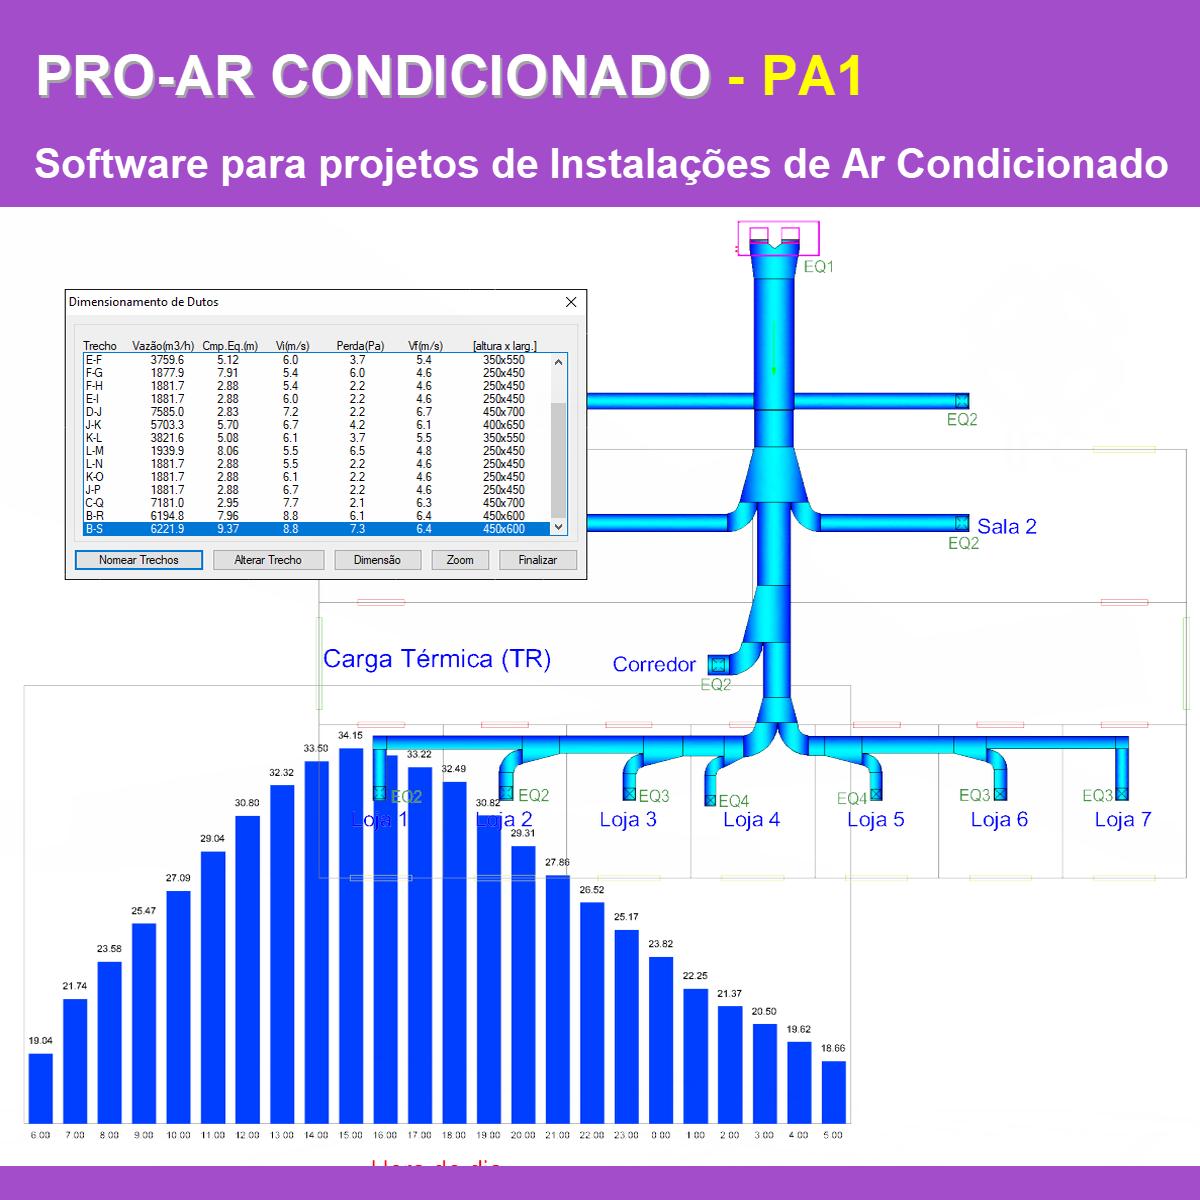 Software PRO-Ar Condicionado versão 18 Pacote PA1